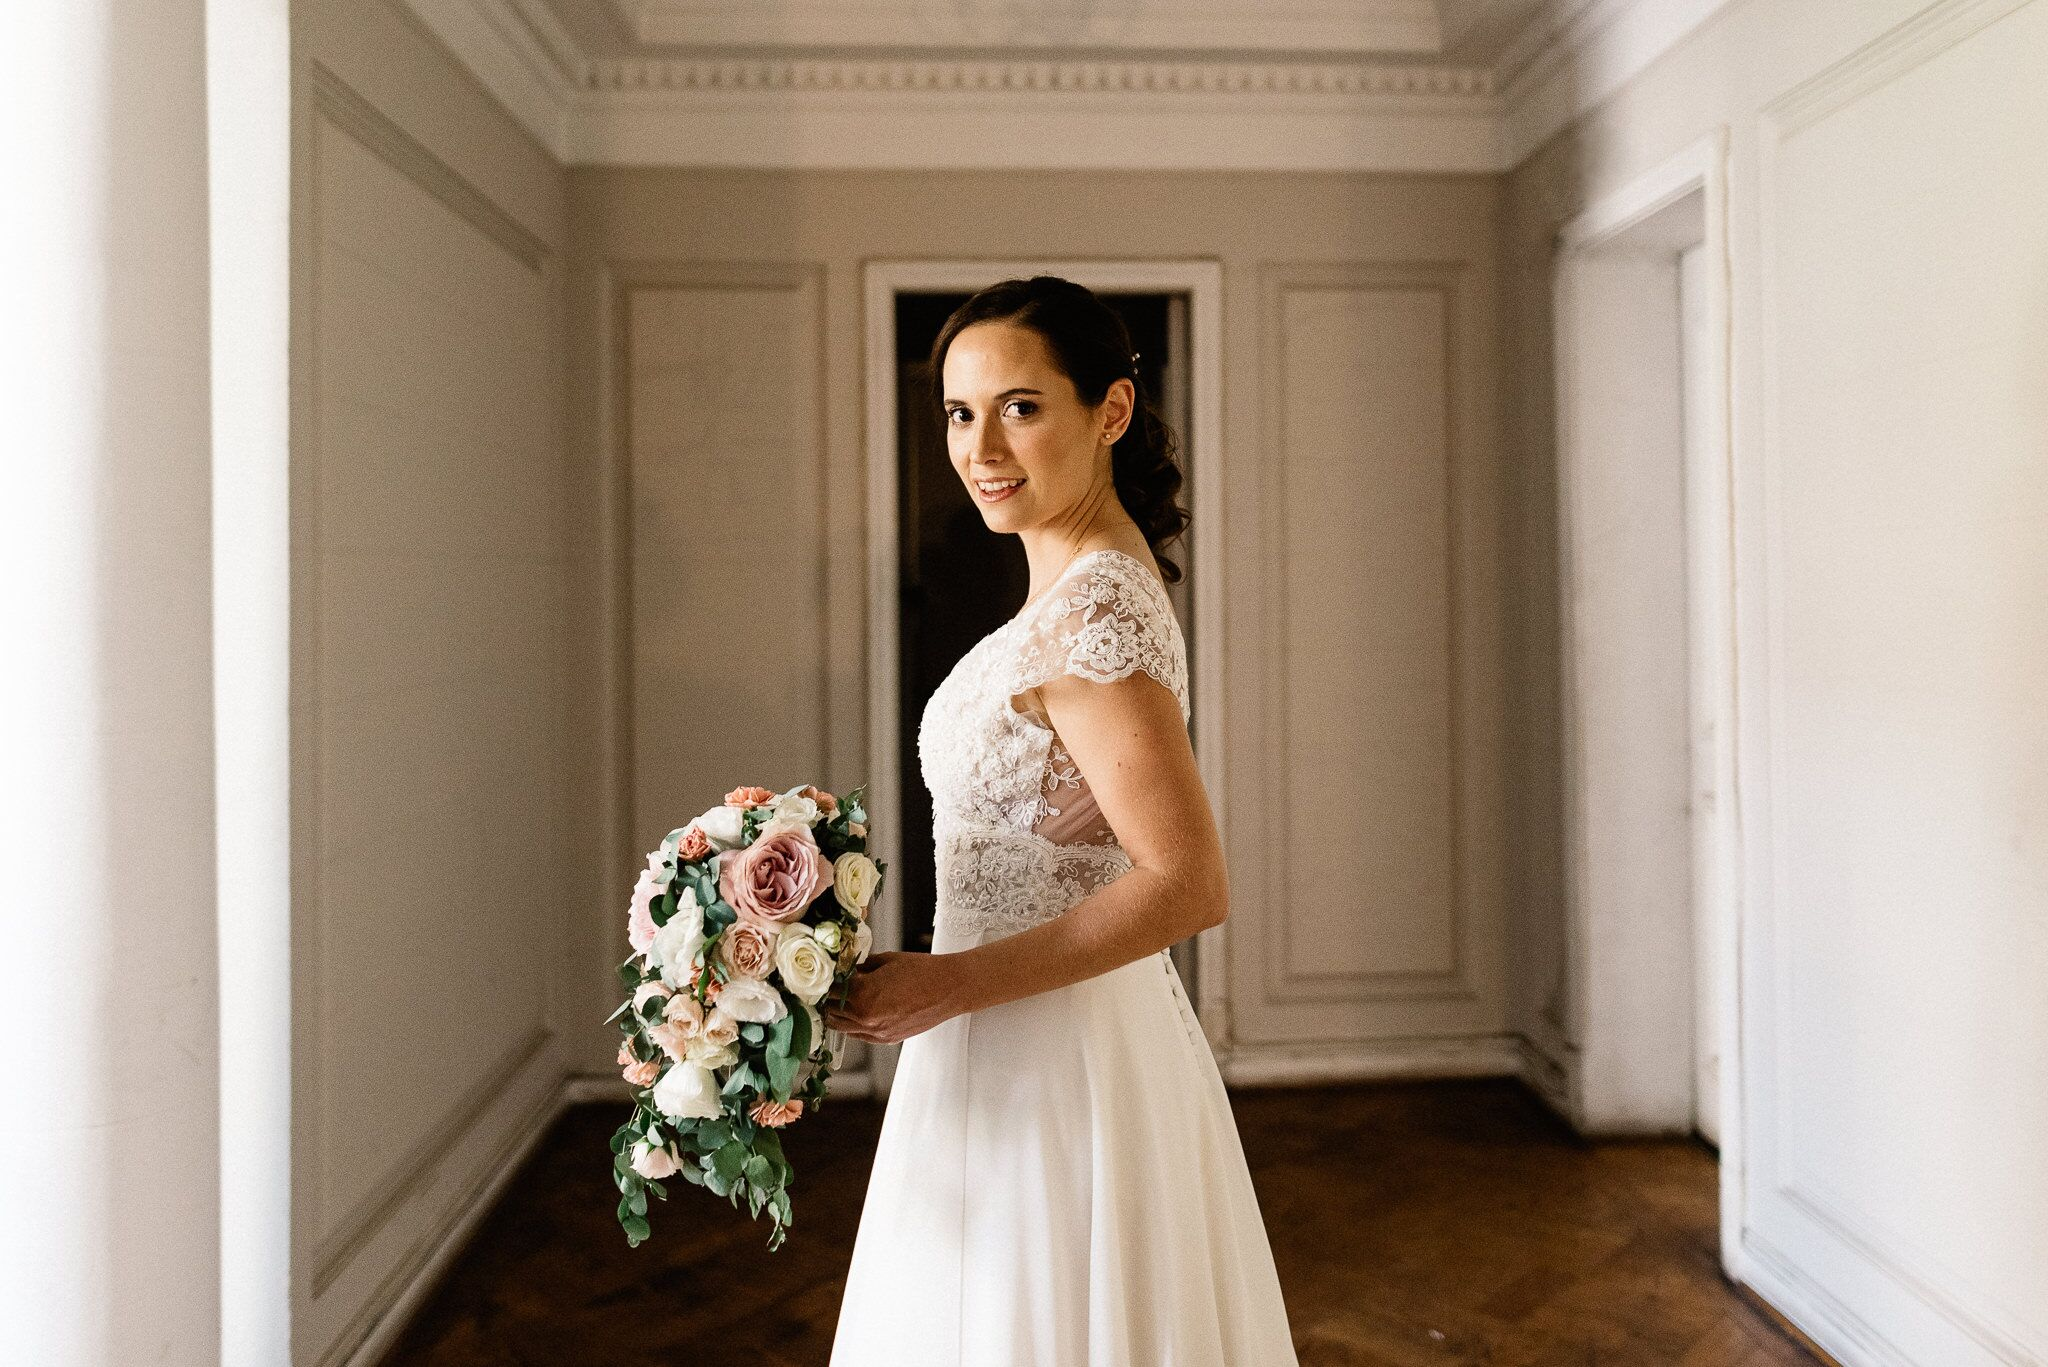 f6a92dd9f Vestidos de novia Santo Encanto. Tabita Fernandez+ · Marjorie Gallardo+